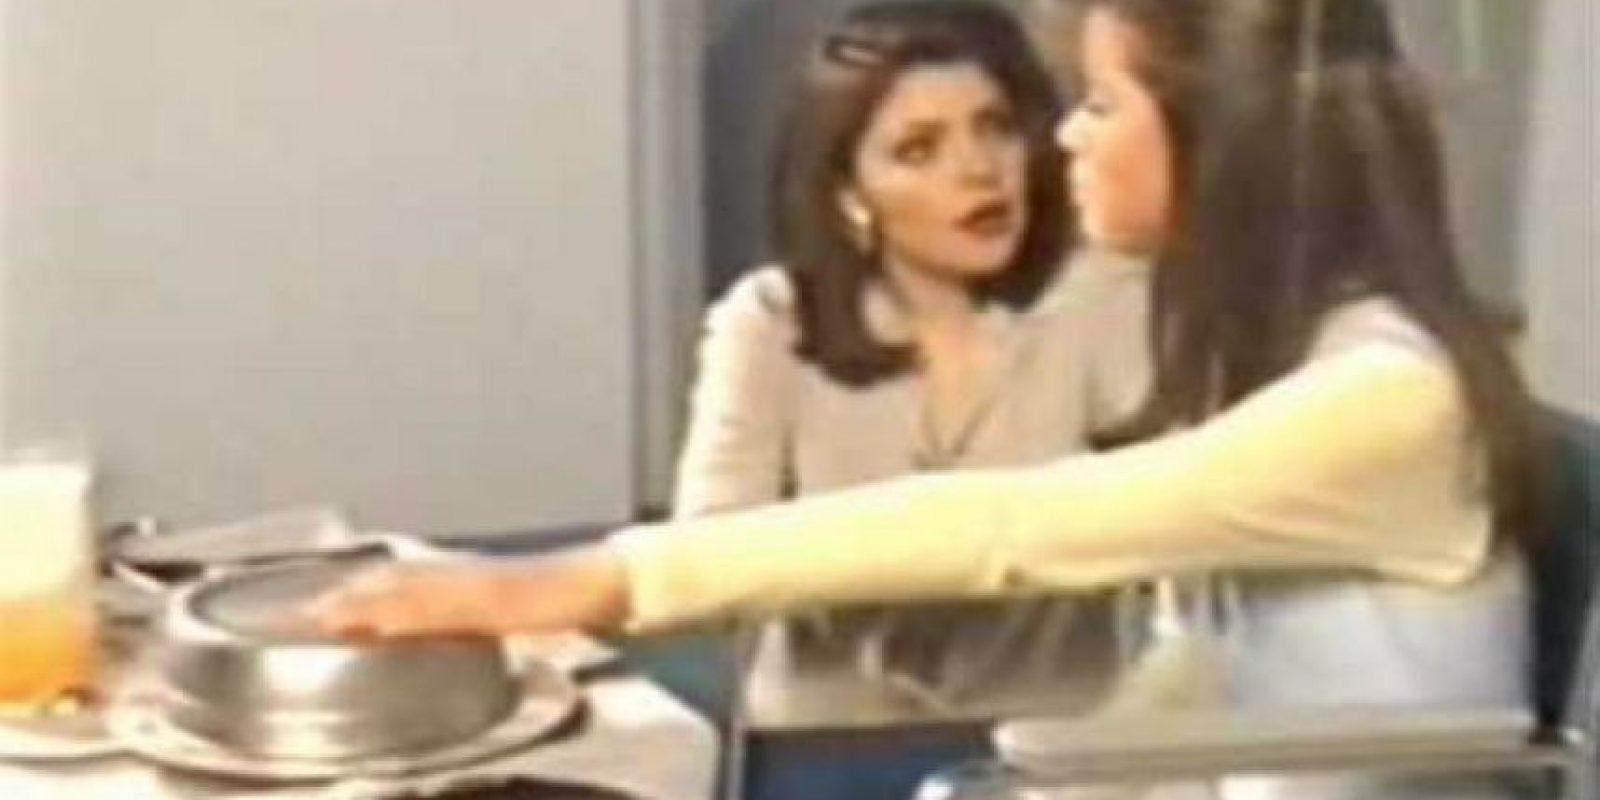 Actualmente en la red se usa mucho su actuación al lado de Itatí Cantoral cuando la regañaba y maltrataba en la novela Foto:YouTube